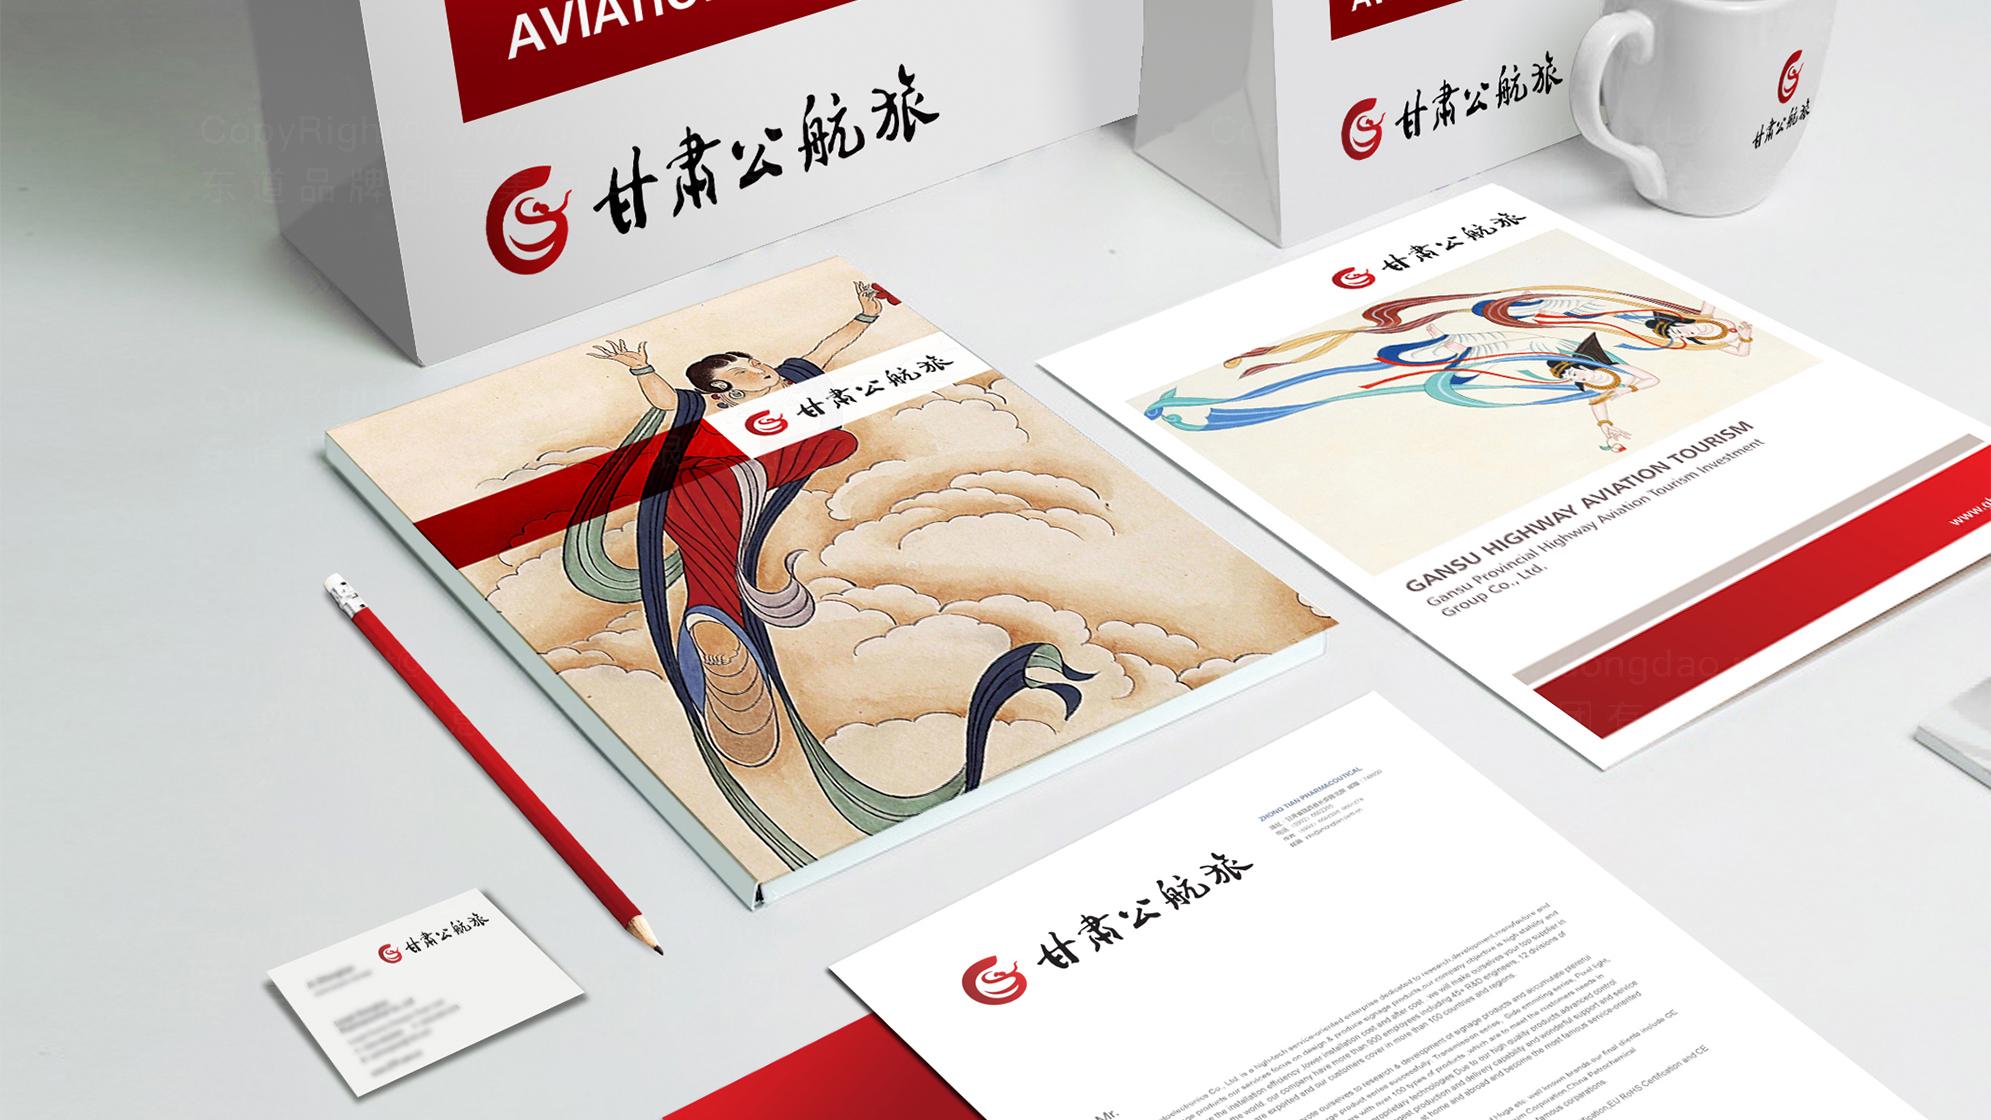 品牌设计甘肃公航旅标志设计应用